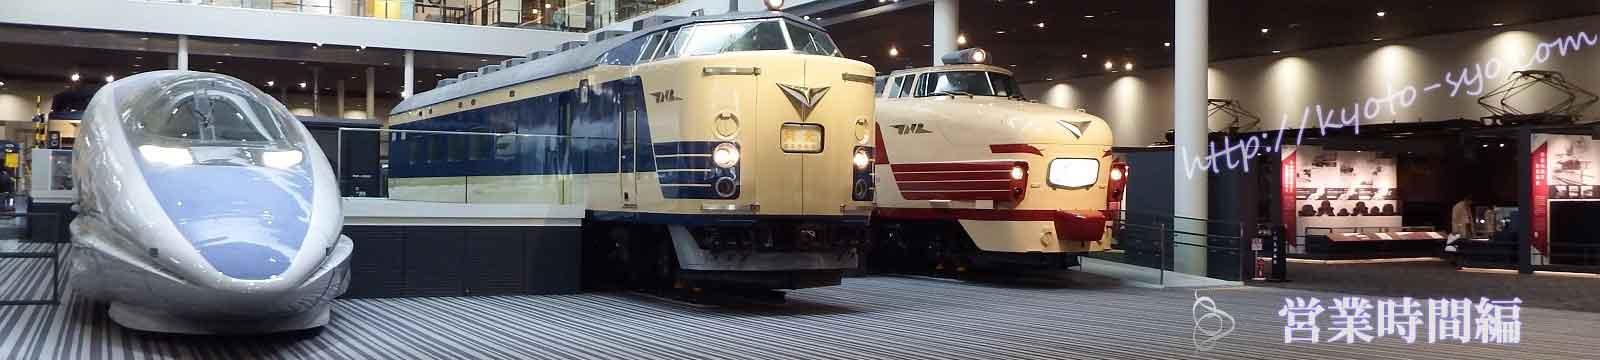 京都鉄道博物館の混雑